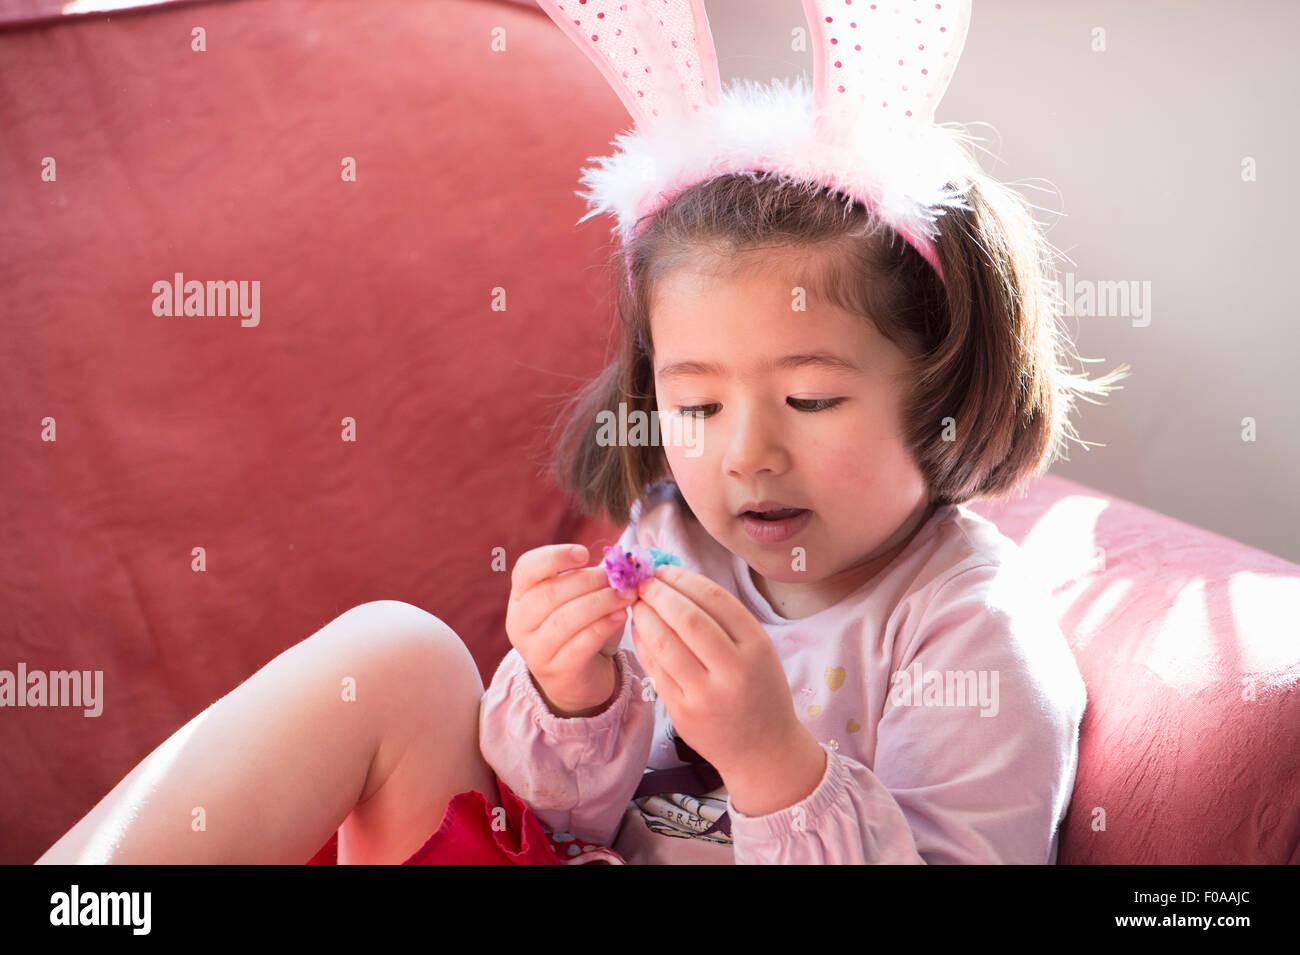 Ragazza giovane indossando orecchie di coniglietto, guardando a fluffy pulcino di Pasqua Immagini Stock